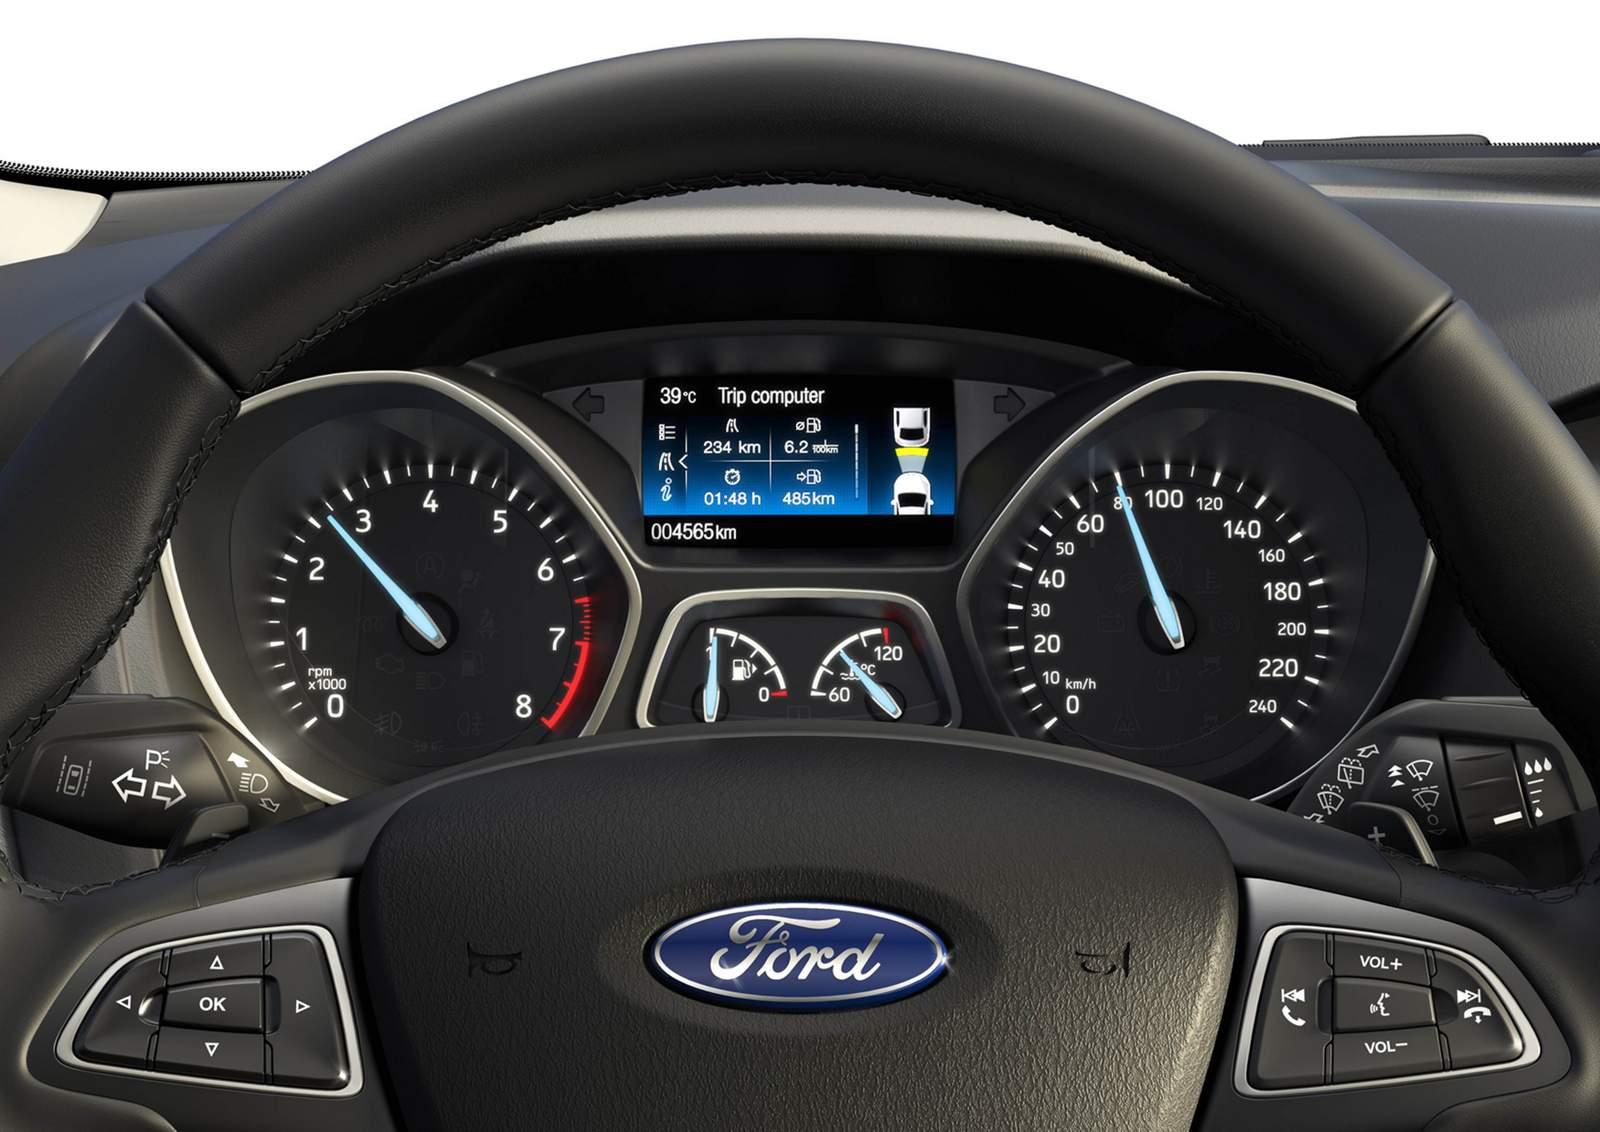 Novo Ford Focus 2016- cluster de instrumentos